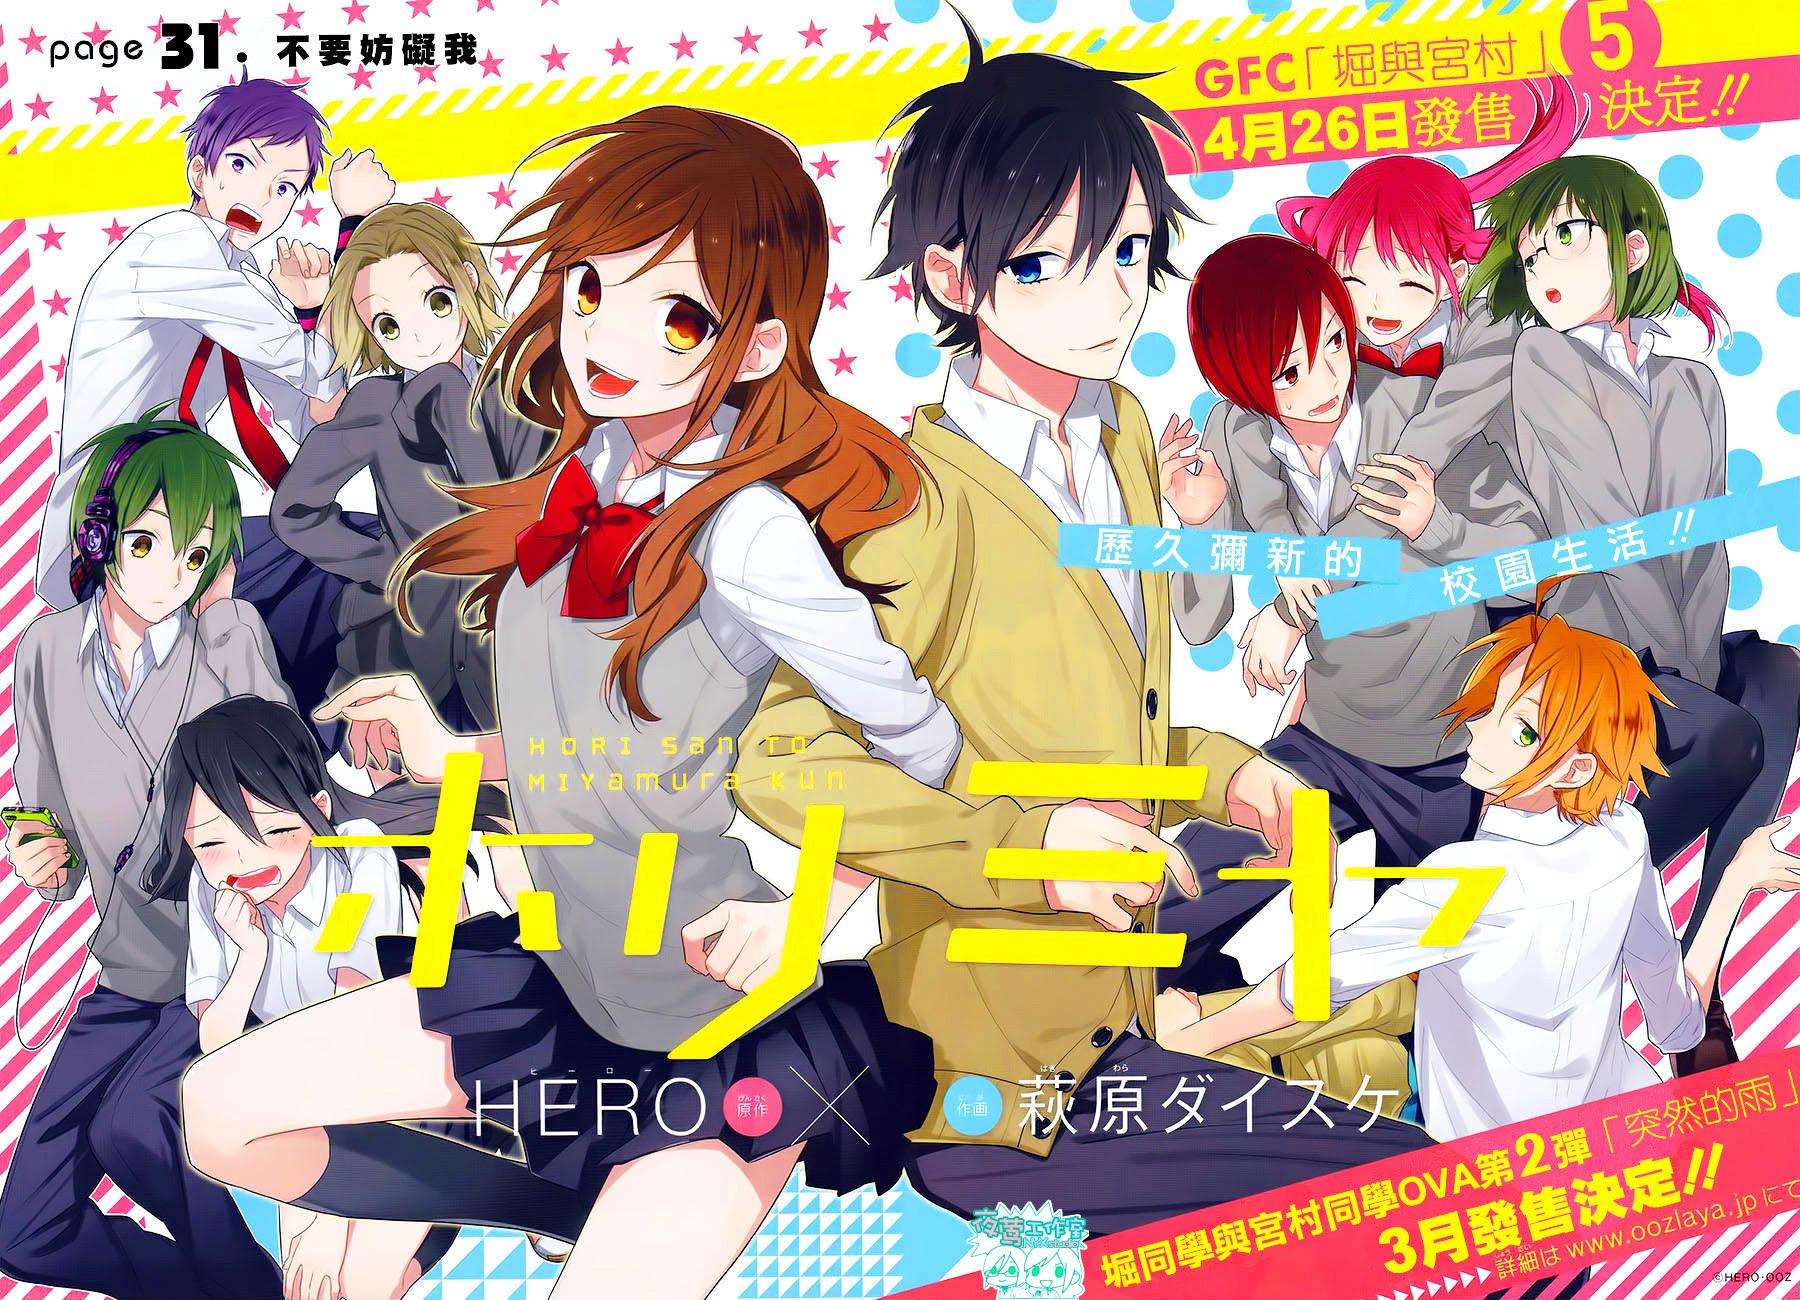 ººh O R I M I Y Aºº Shoujo Manga Wallpaper 38094768 Fanpop